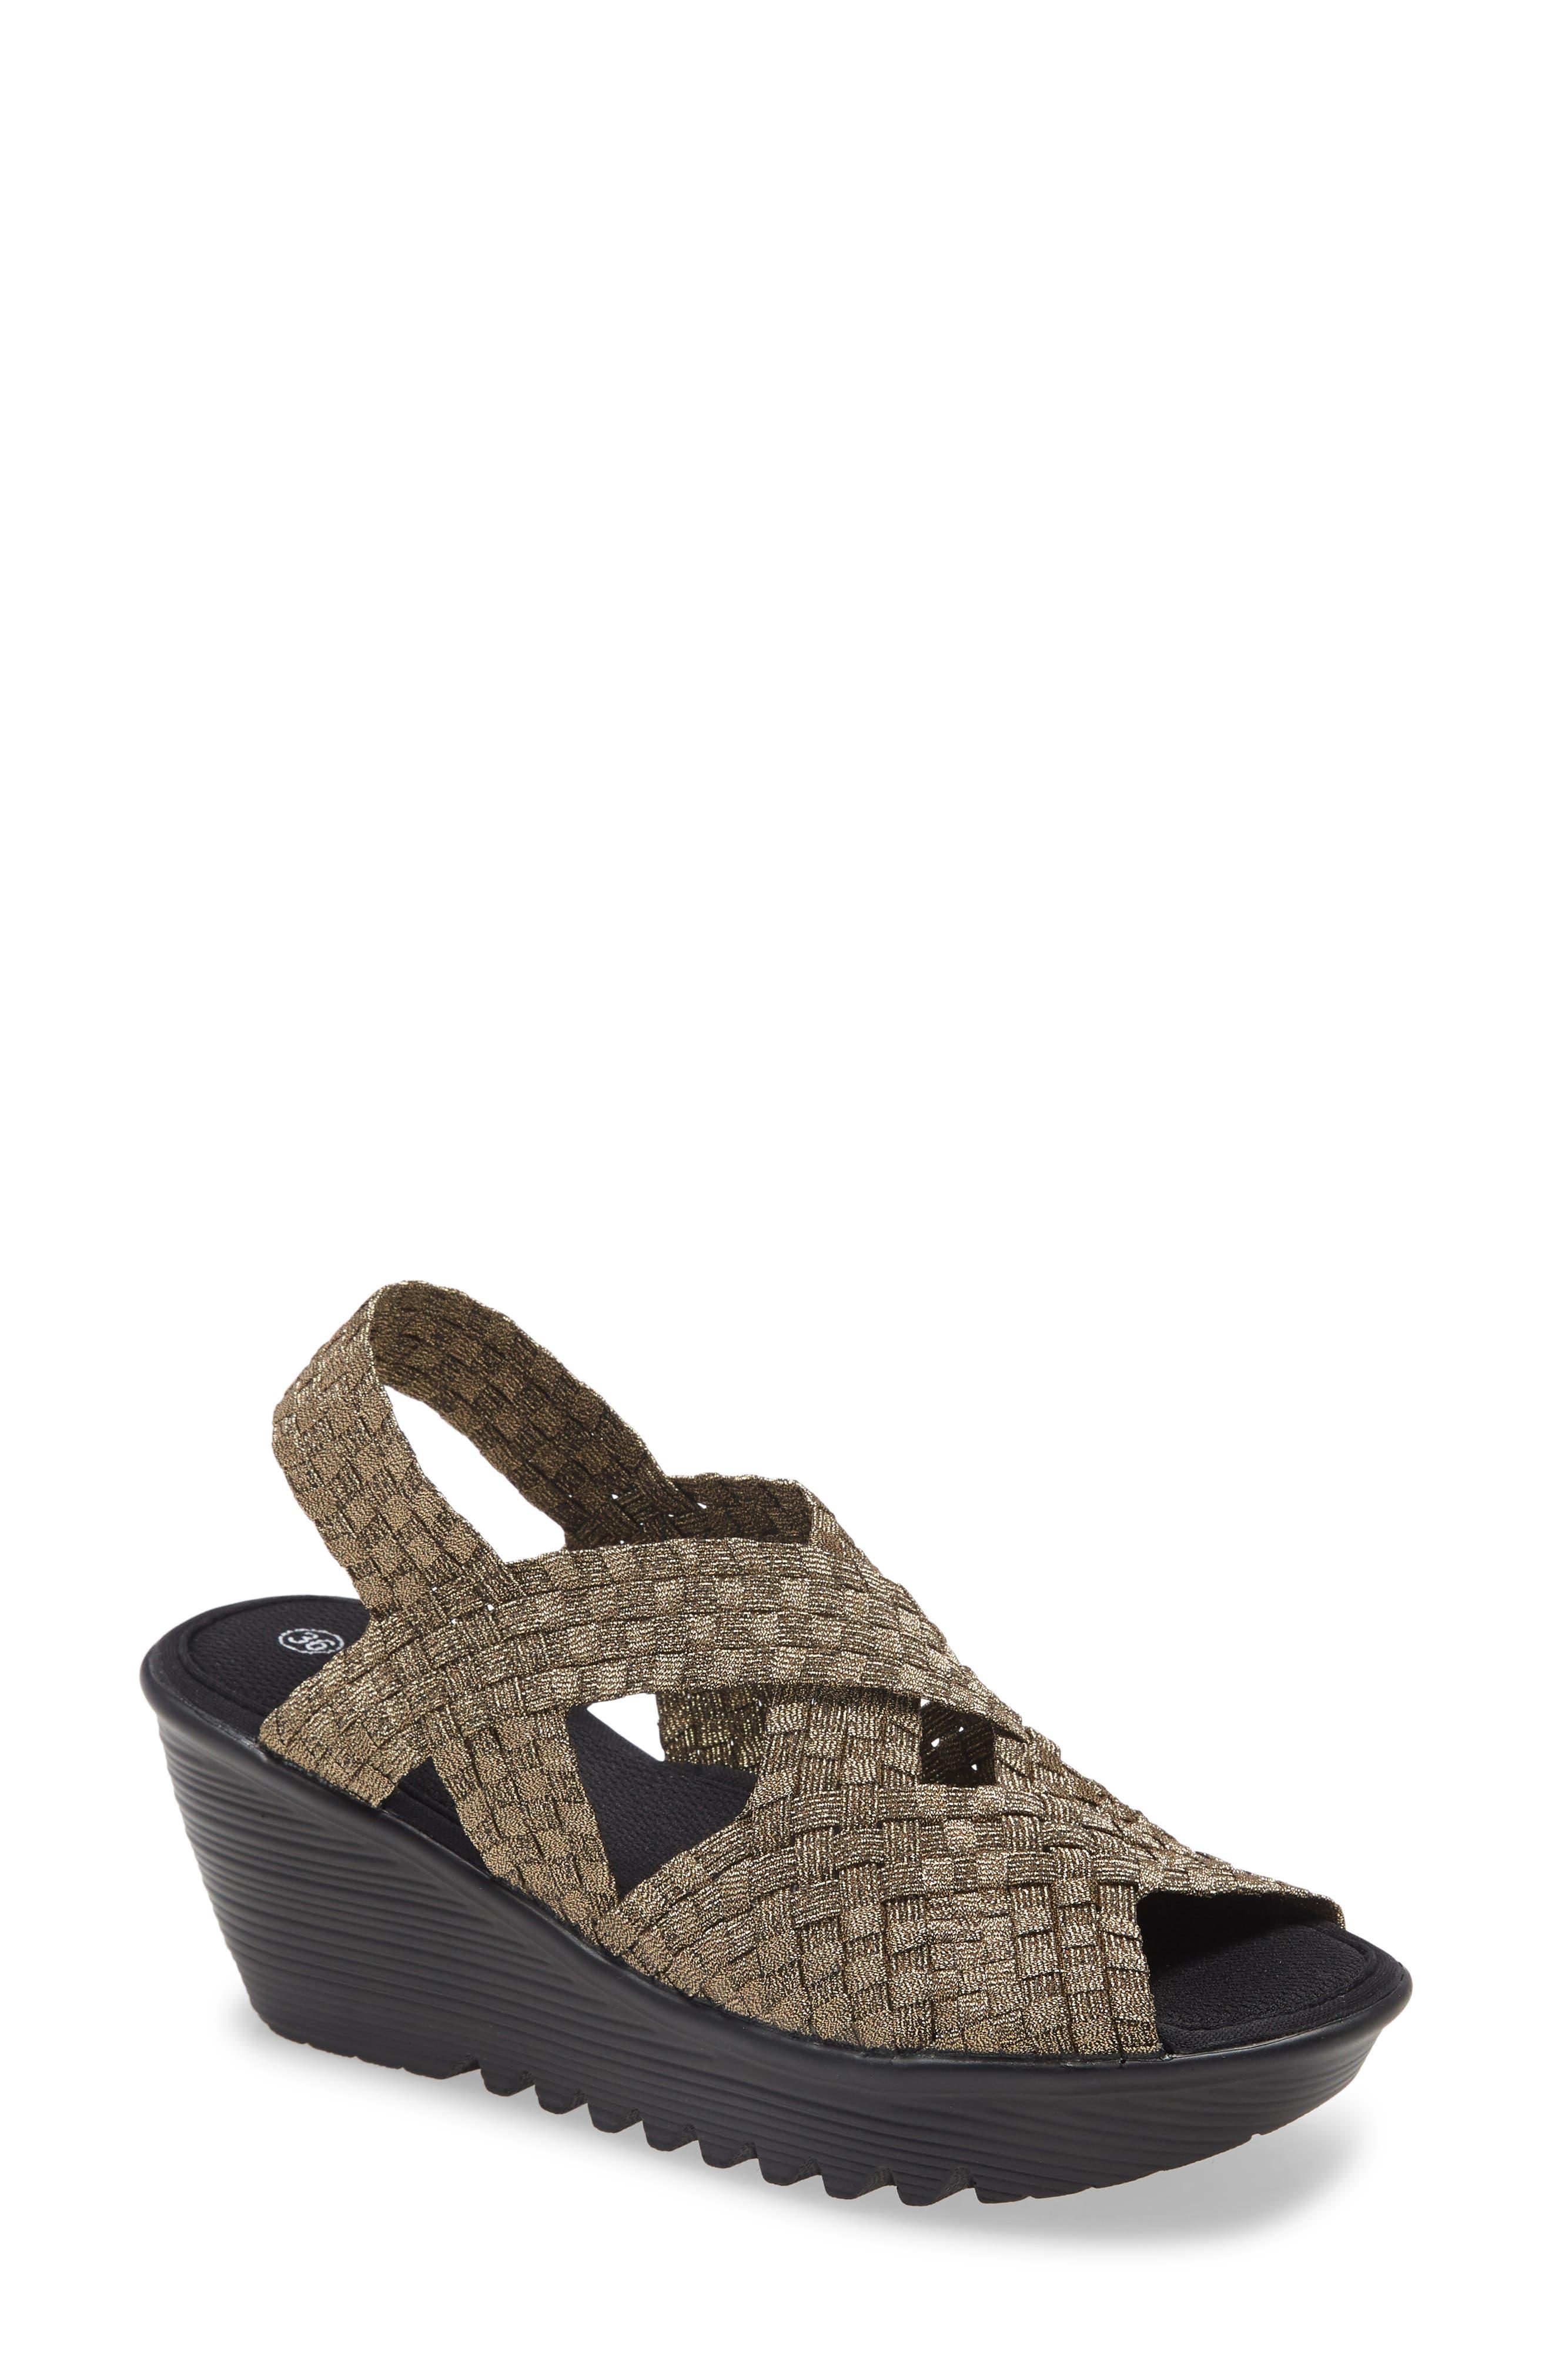 . Brighten Wedge Slingback Sandal